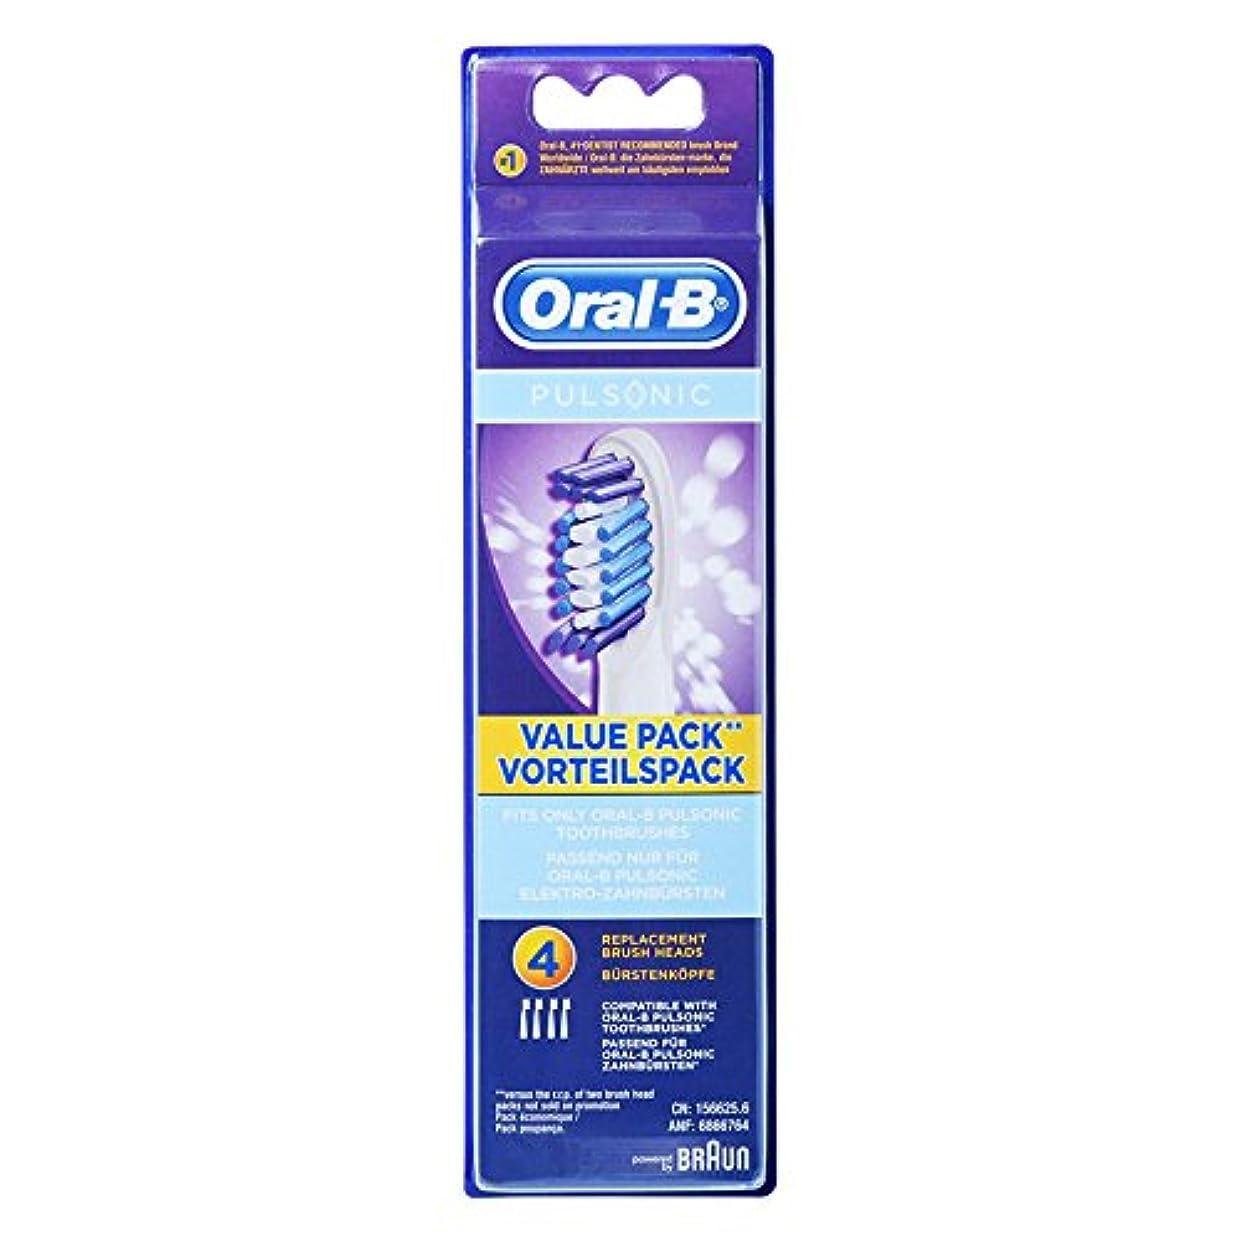 吐き出すひばりゴージャスBraun Oral-B SR32-4 Pulsonic Value Pack 交換用ブラシヘッド 1Pack [並行輸入品]